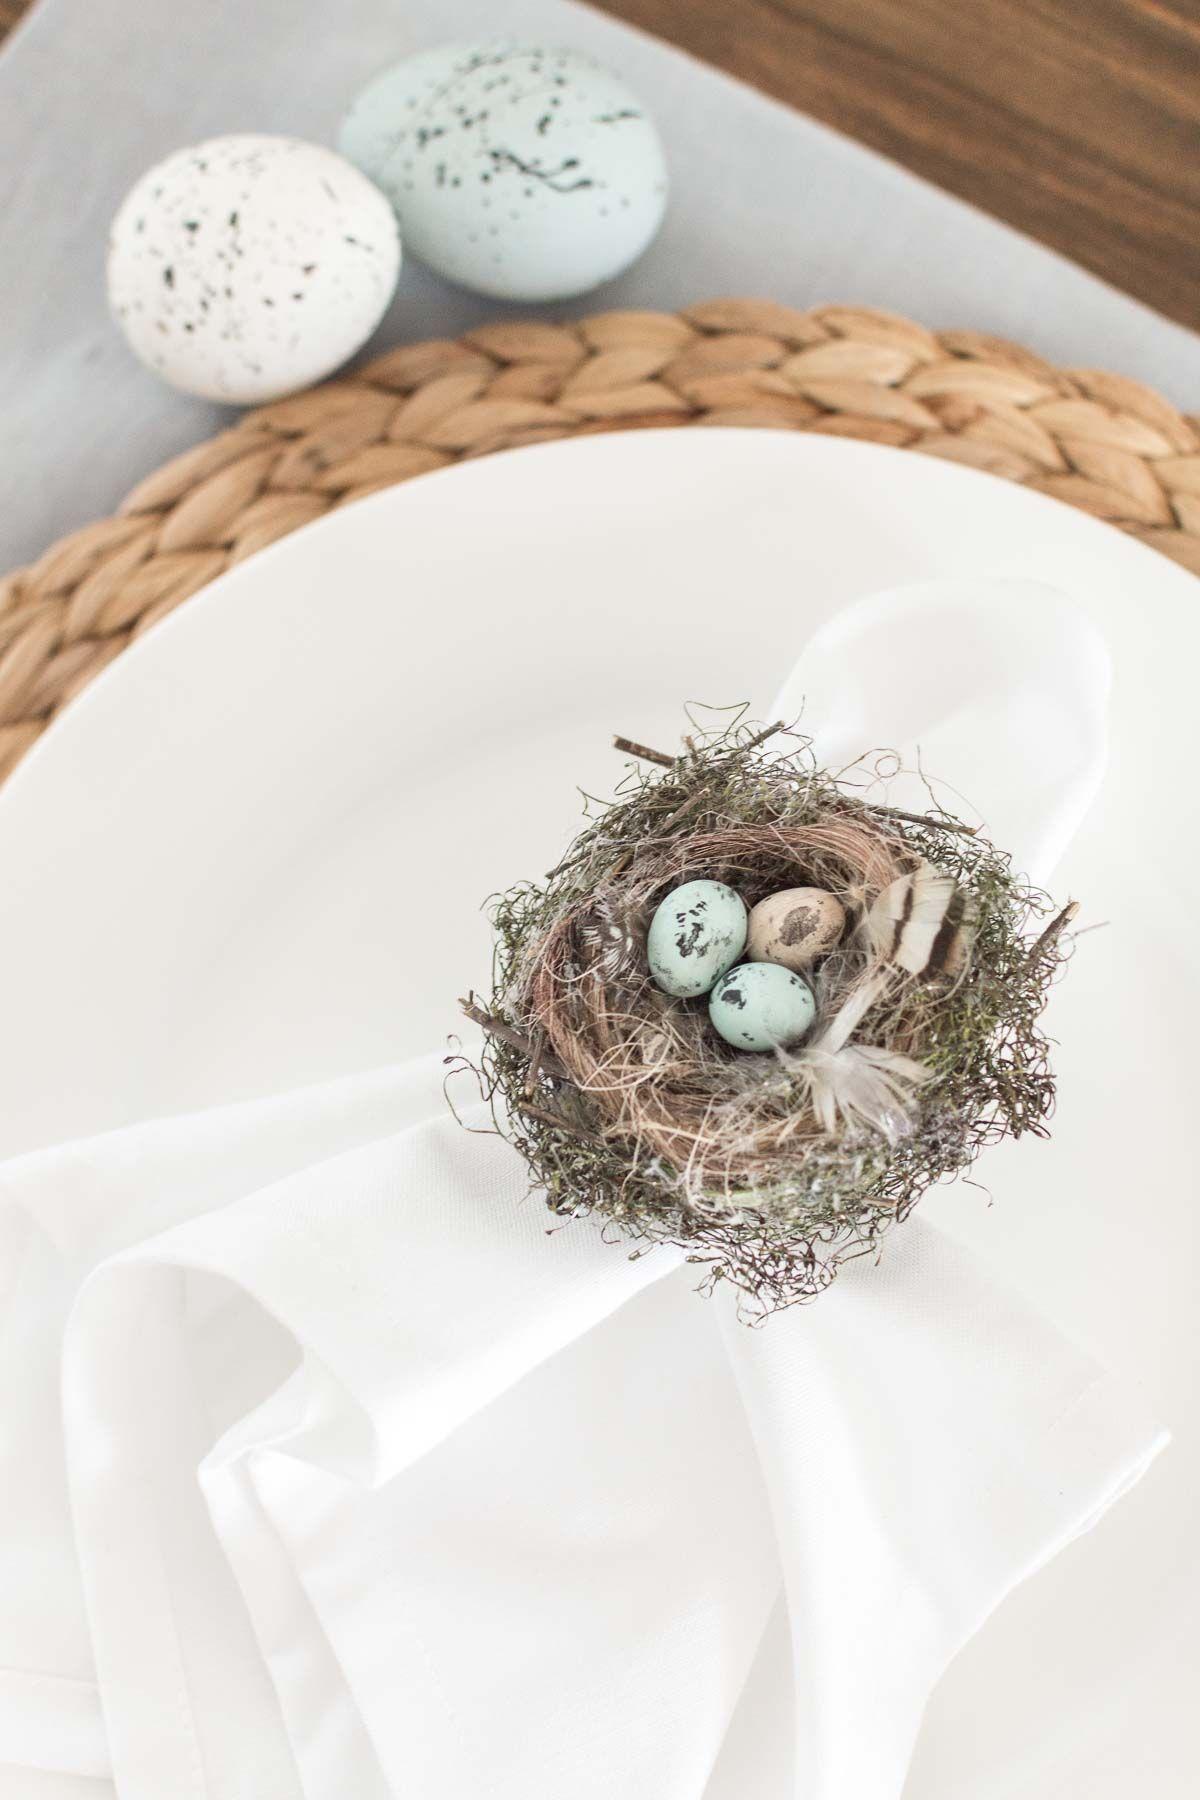 DIY Spring/Easter Napkin Rings Easter napkins rings